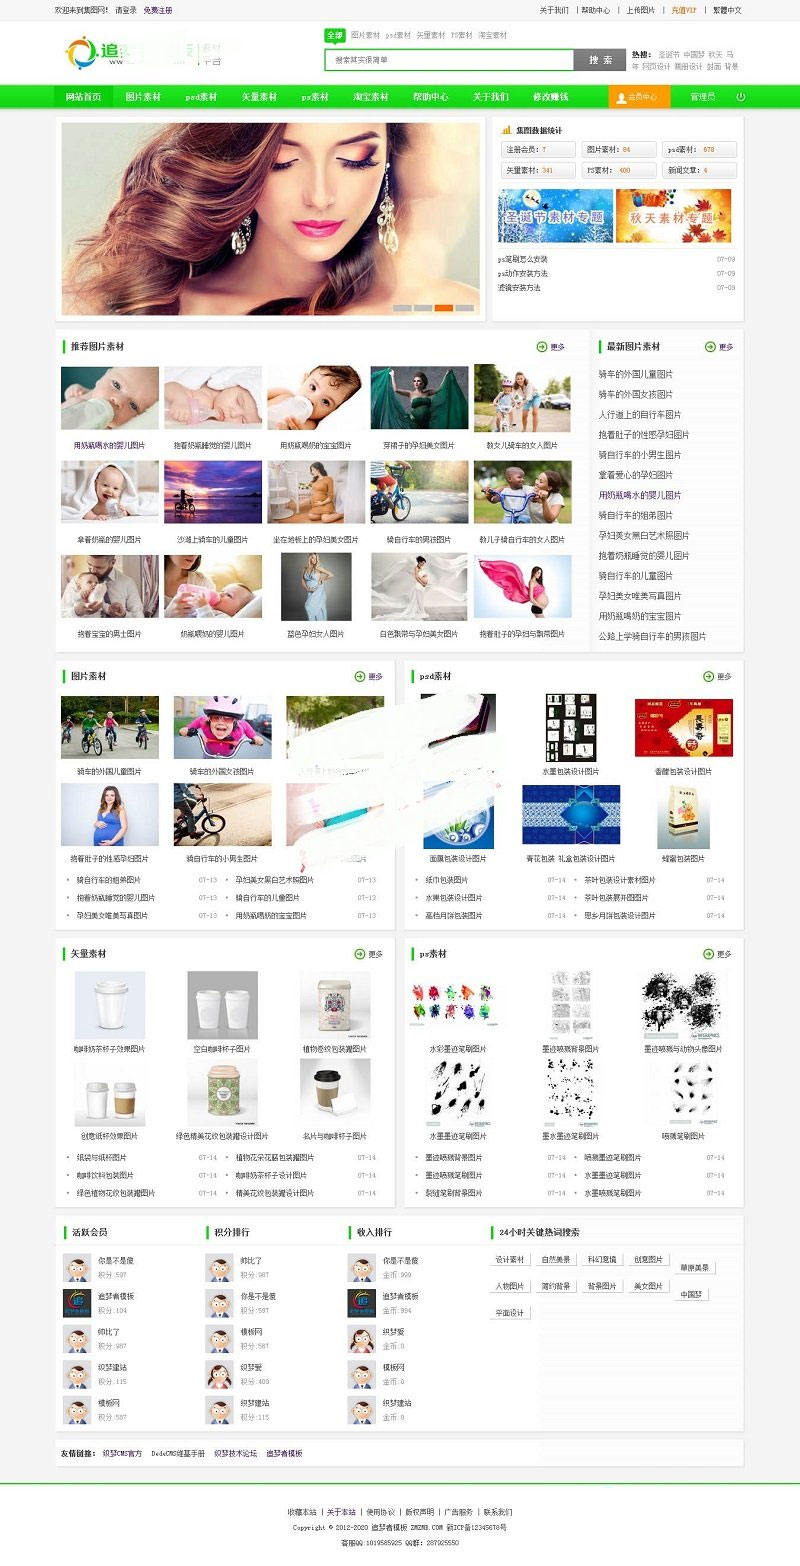 织梦dedecms仿集图网图片素材下载网站模板,带会员中心 第1张